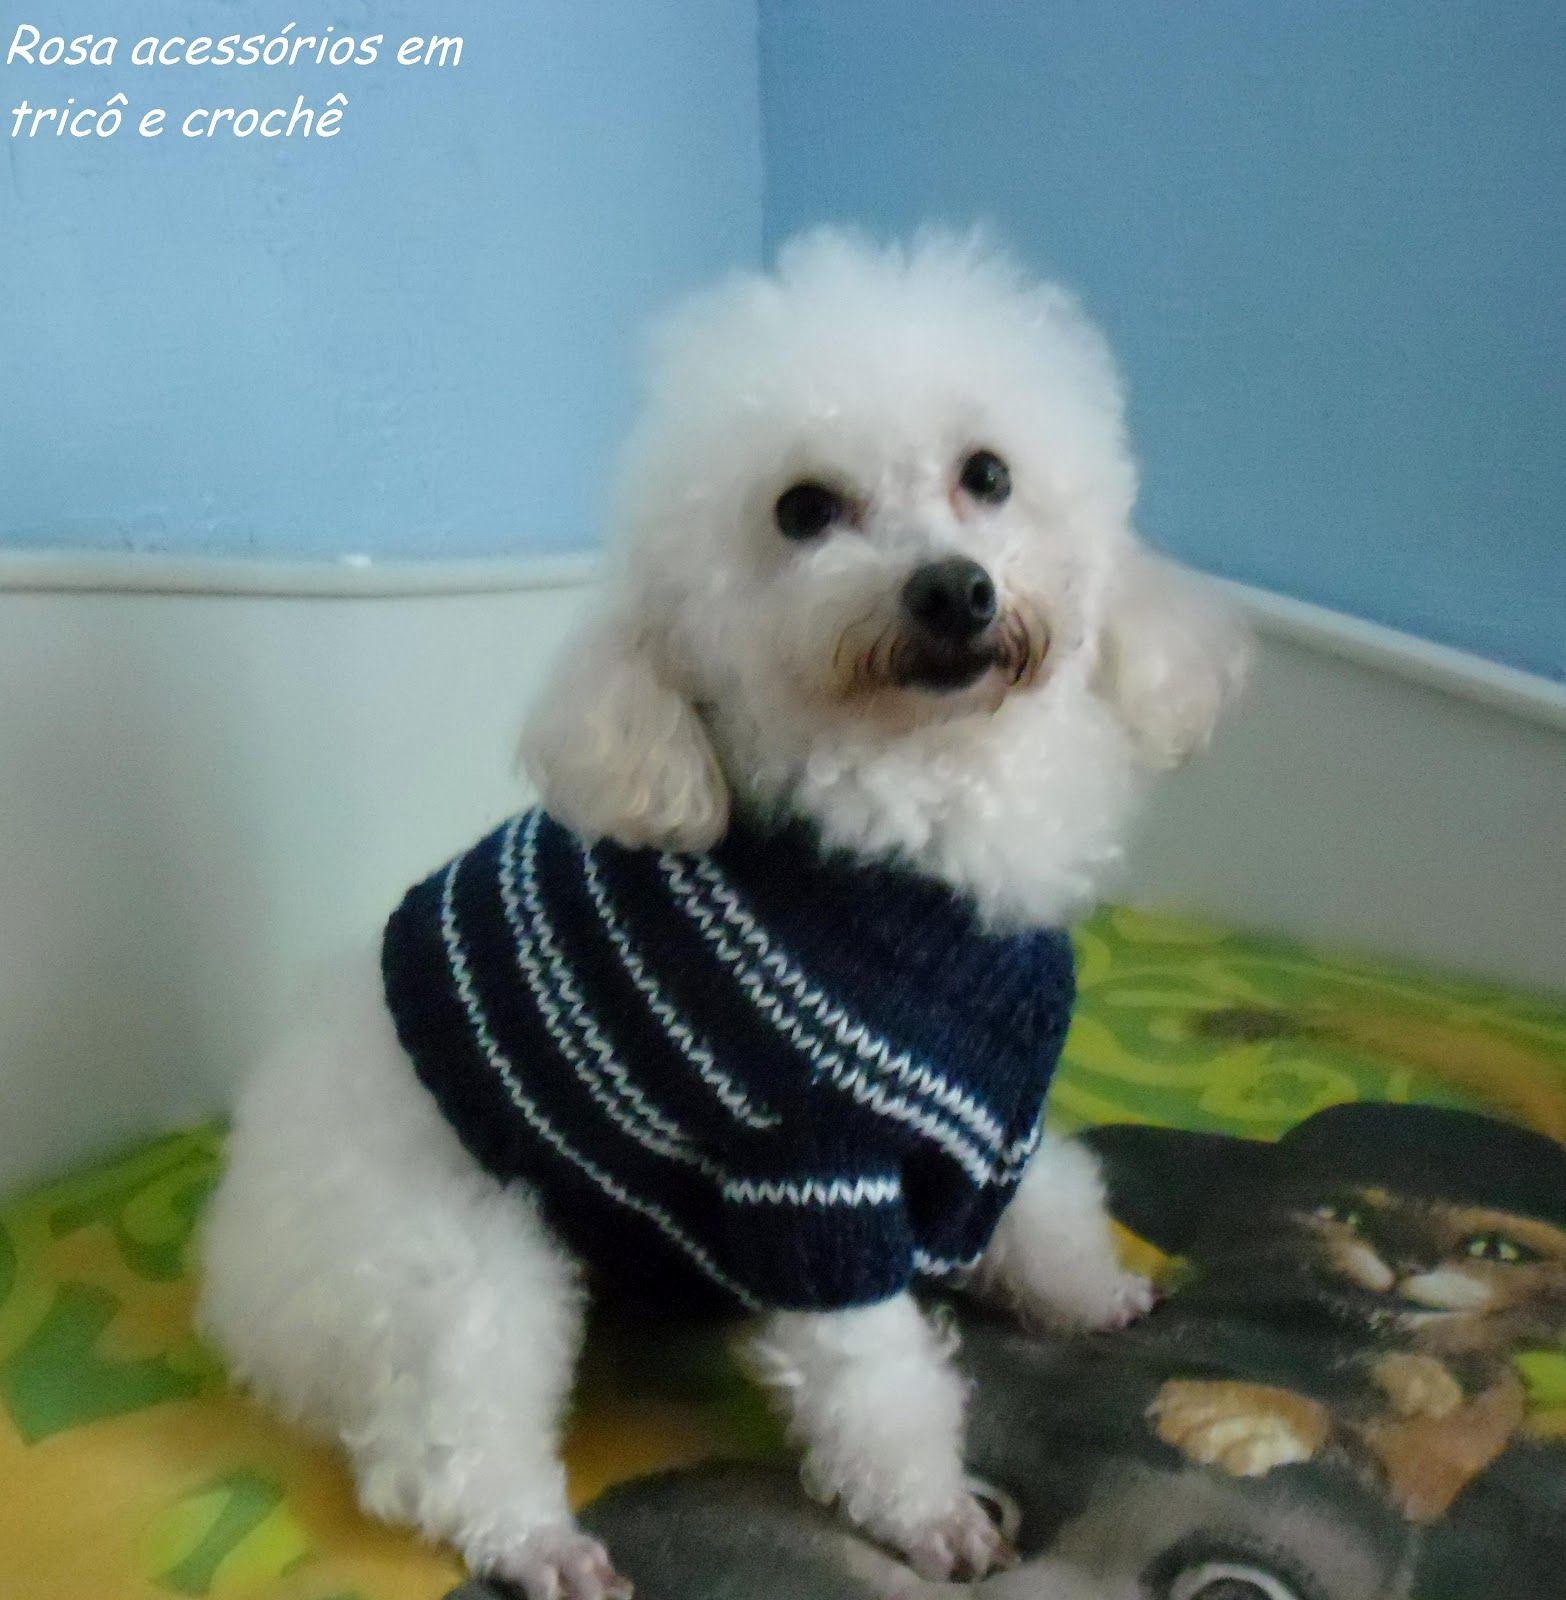 Rosa acessórios em tricô & crochê: Blusinha para cachorro | roupas ...